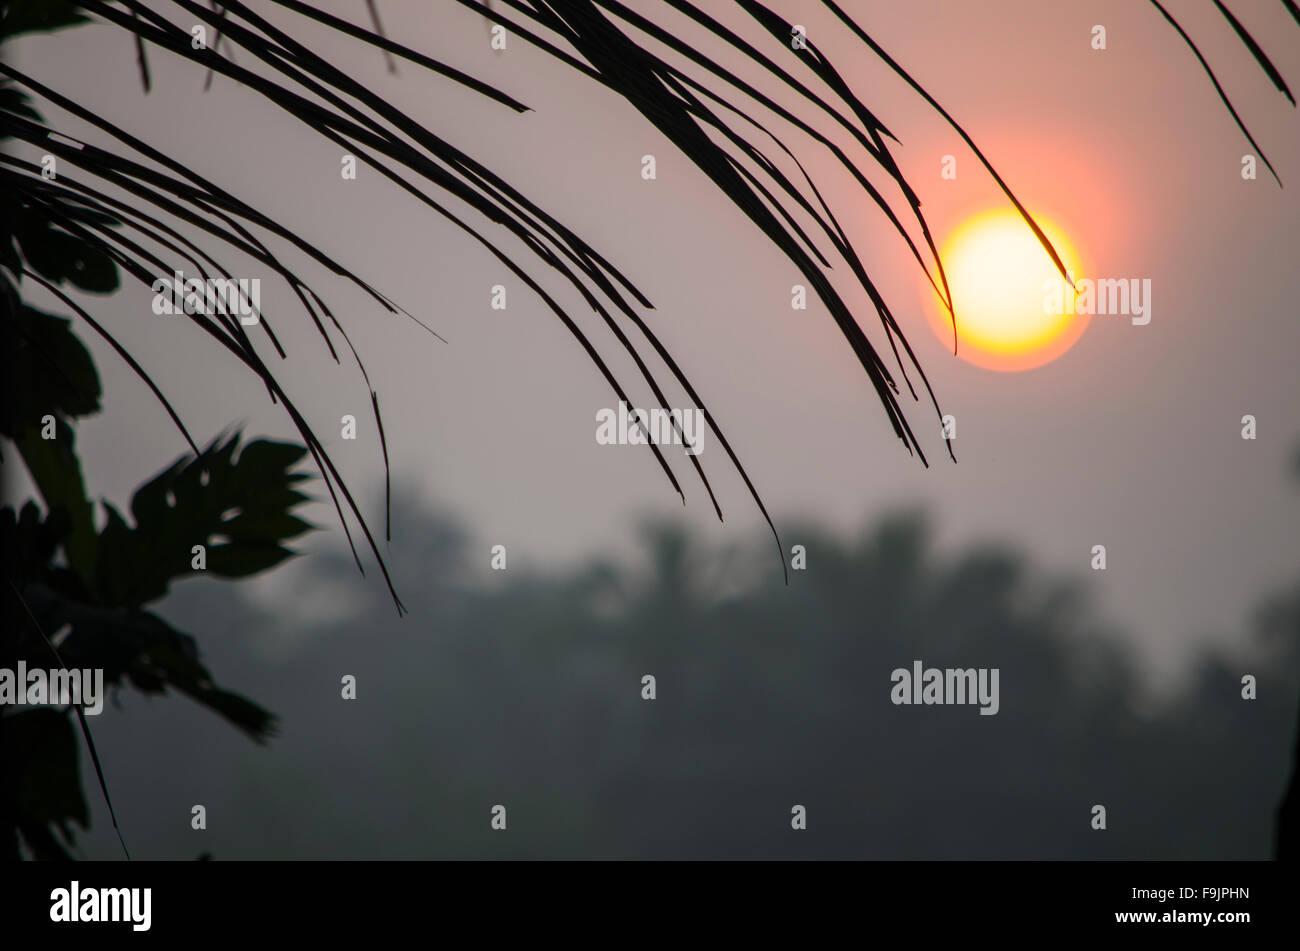 Paisaje en la niebla del amanecer contra un contorno oscuro y hojas de palmeras, un paisaje, al amanecer, un contorno Imagen De Stock